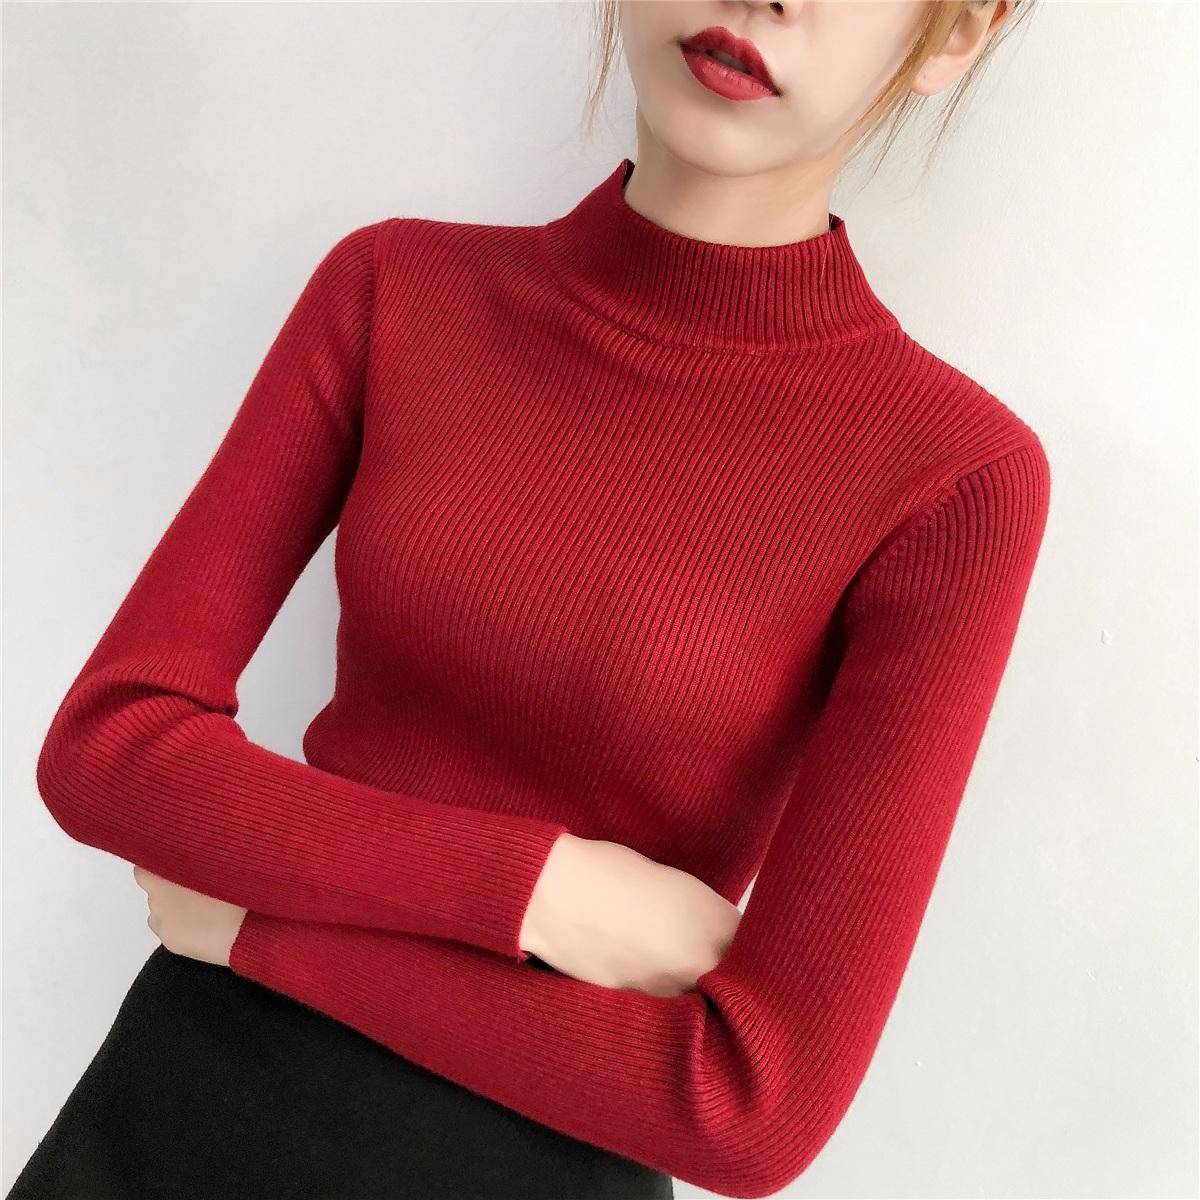 实拍半高领毛衣女修身打底衫紧身针织衫厚上衣不起球不掉色